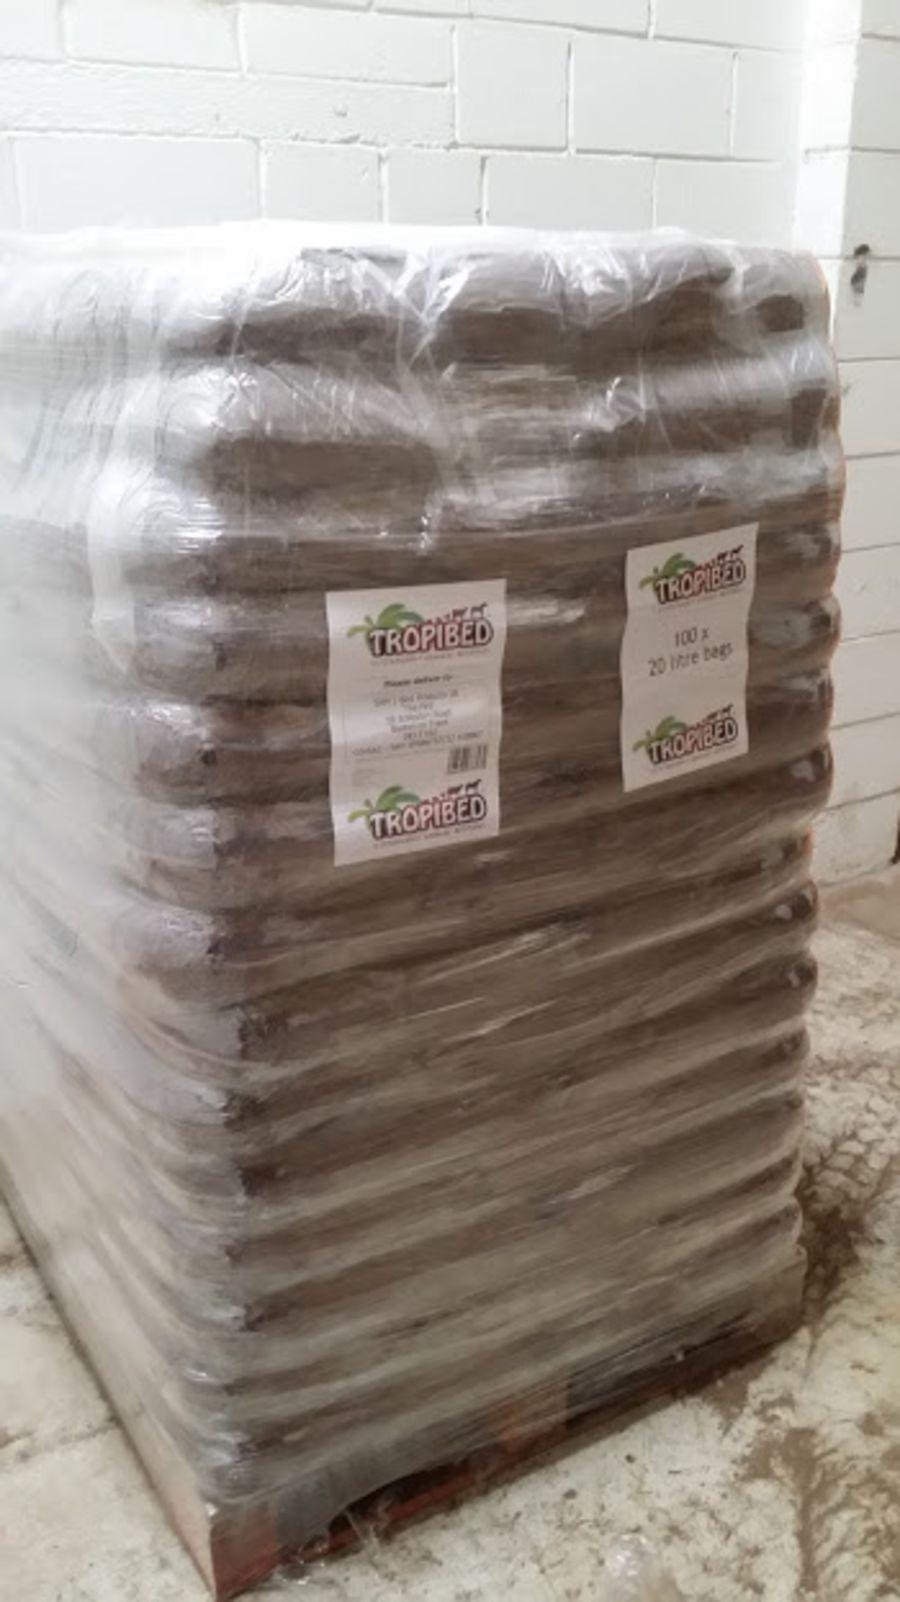 Wholesale Tropibed 20 litre